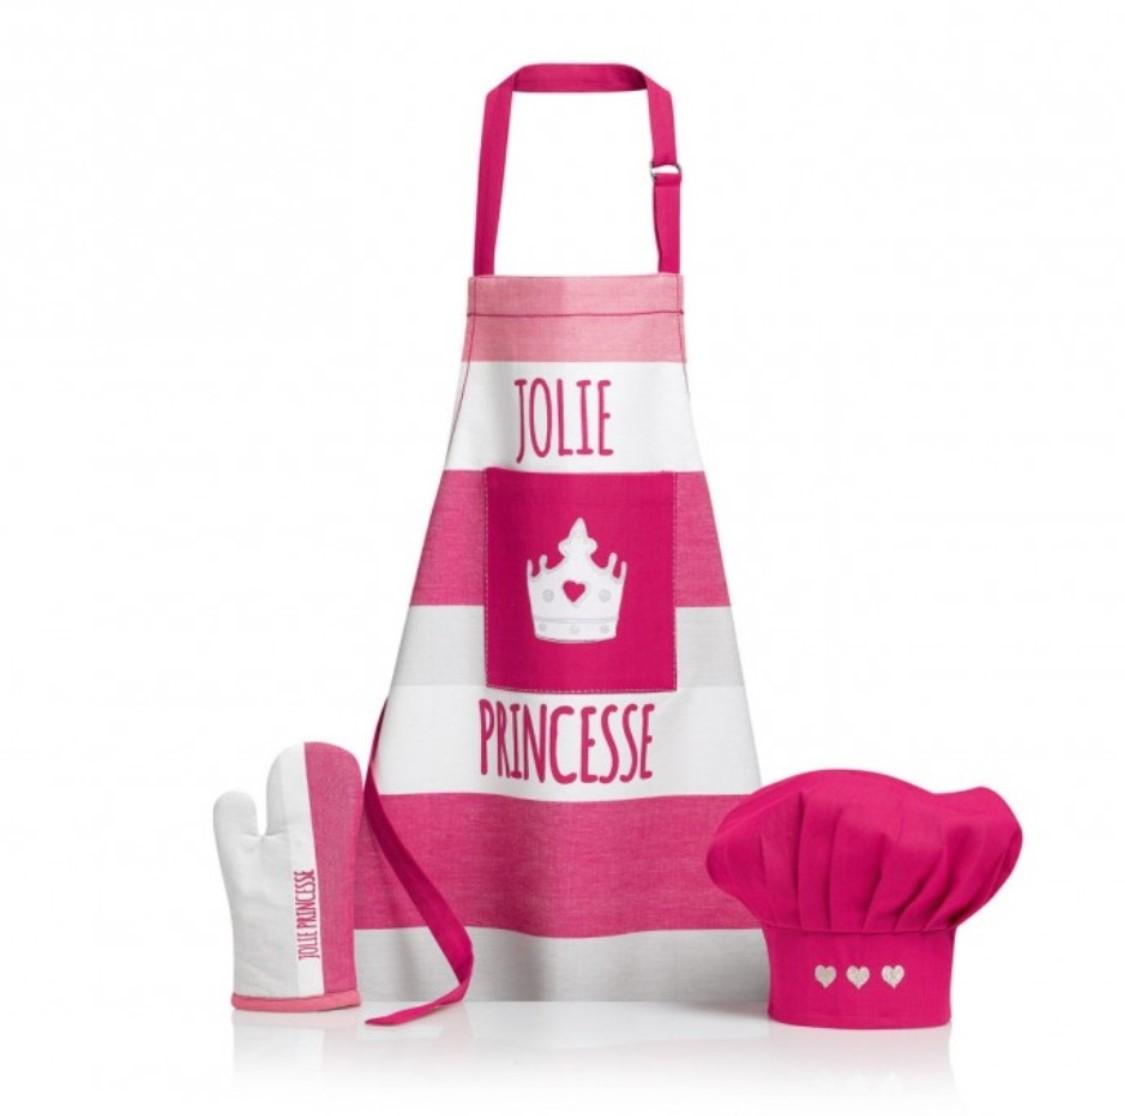 Набор детский Winkler OFFIC, розовый с белым, 3 предмета Winkler 8788030103 фото 1